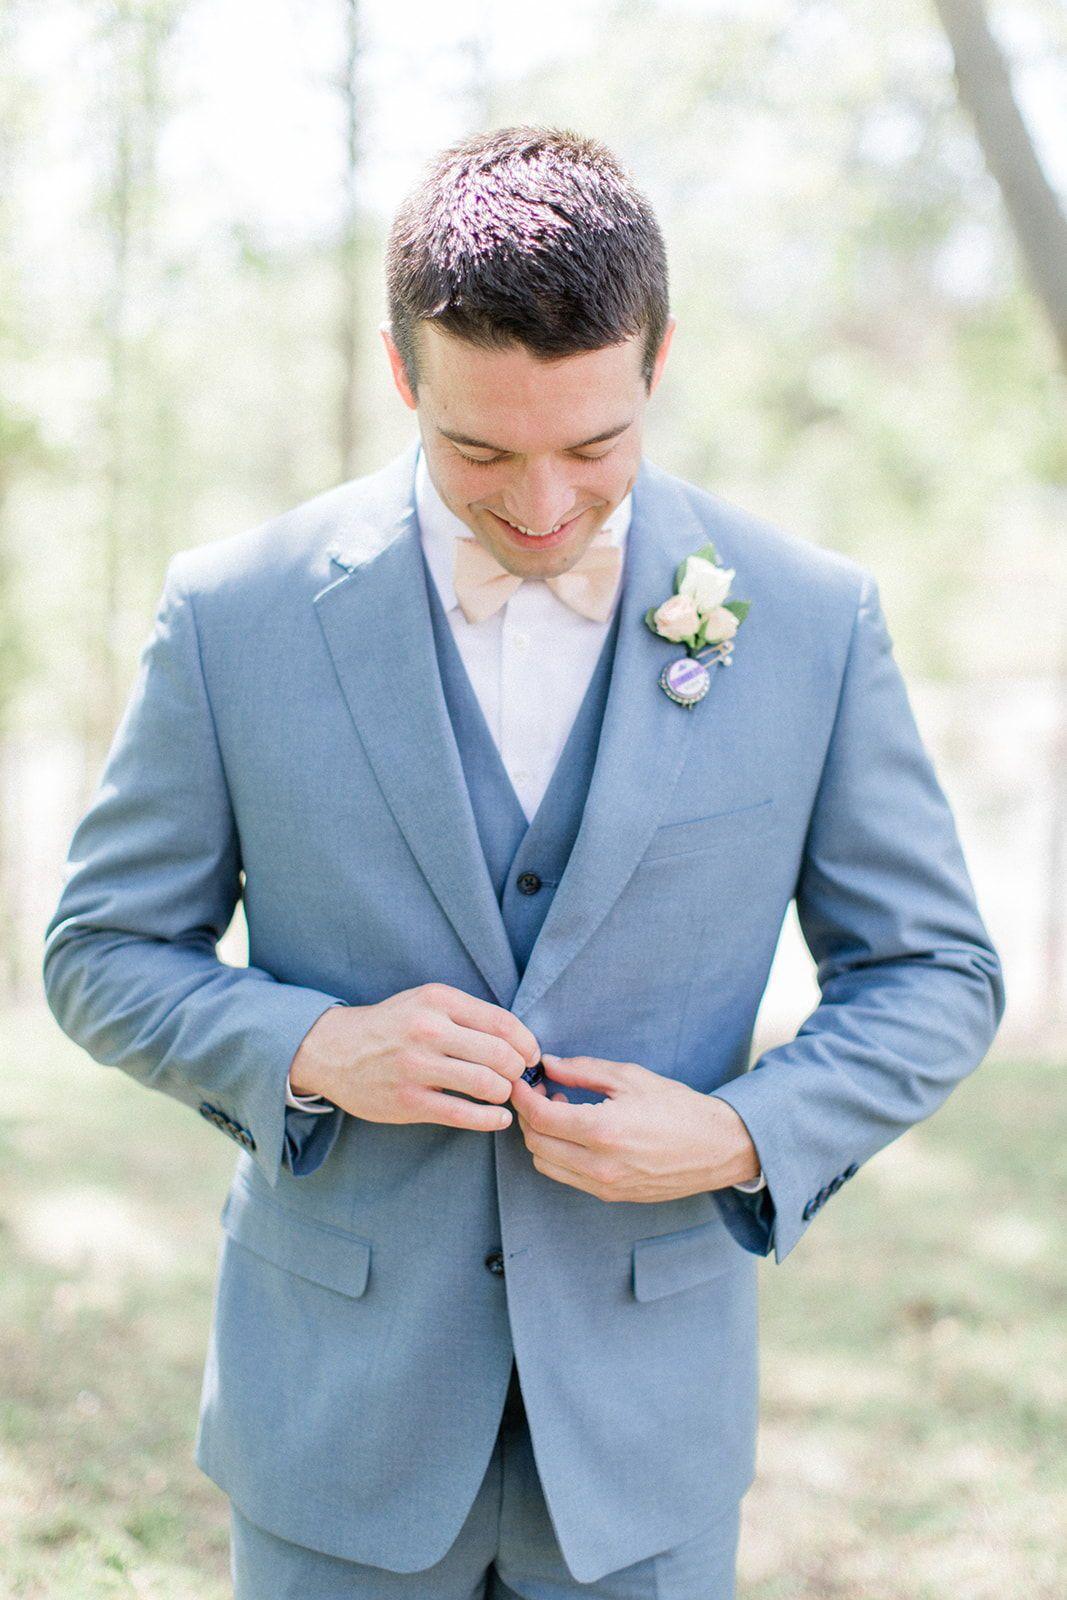 45+ Pale blue suit wedding ideas